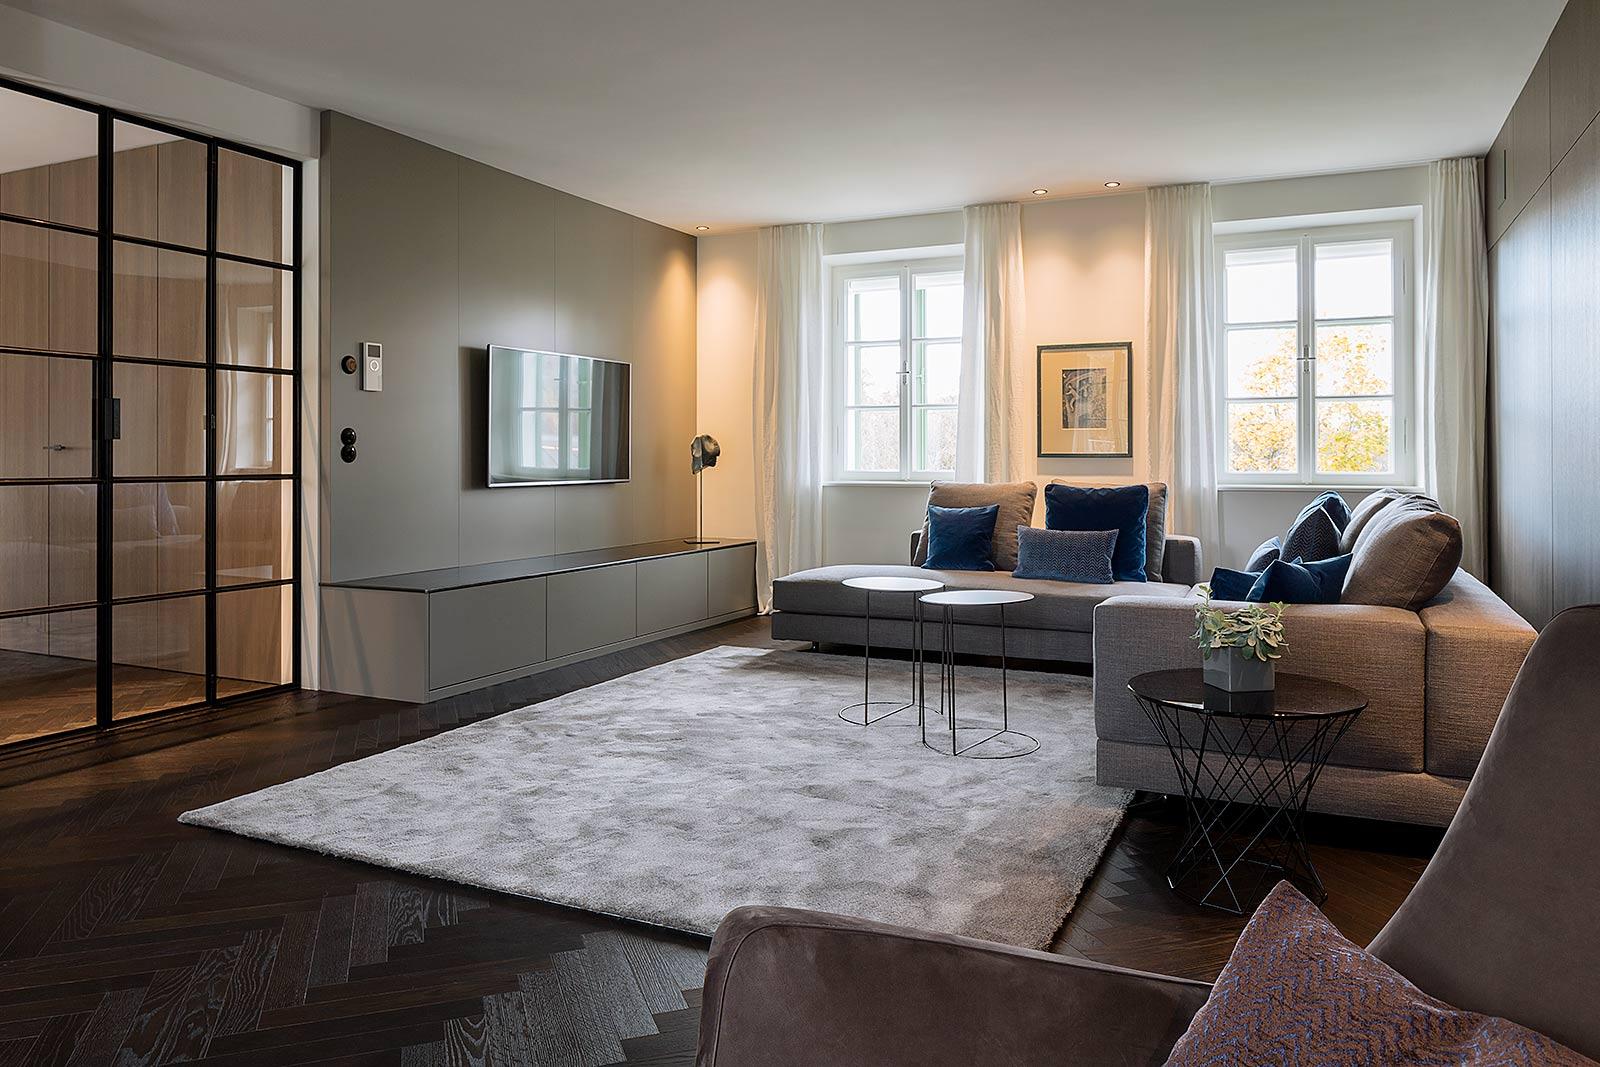 Ein Projekt von Famler Einrichtungen, Interieur Fotografie einer Architekten Wohnung, Architekturfotograf aus München,